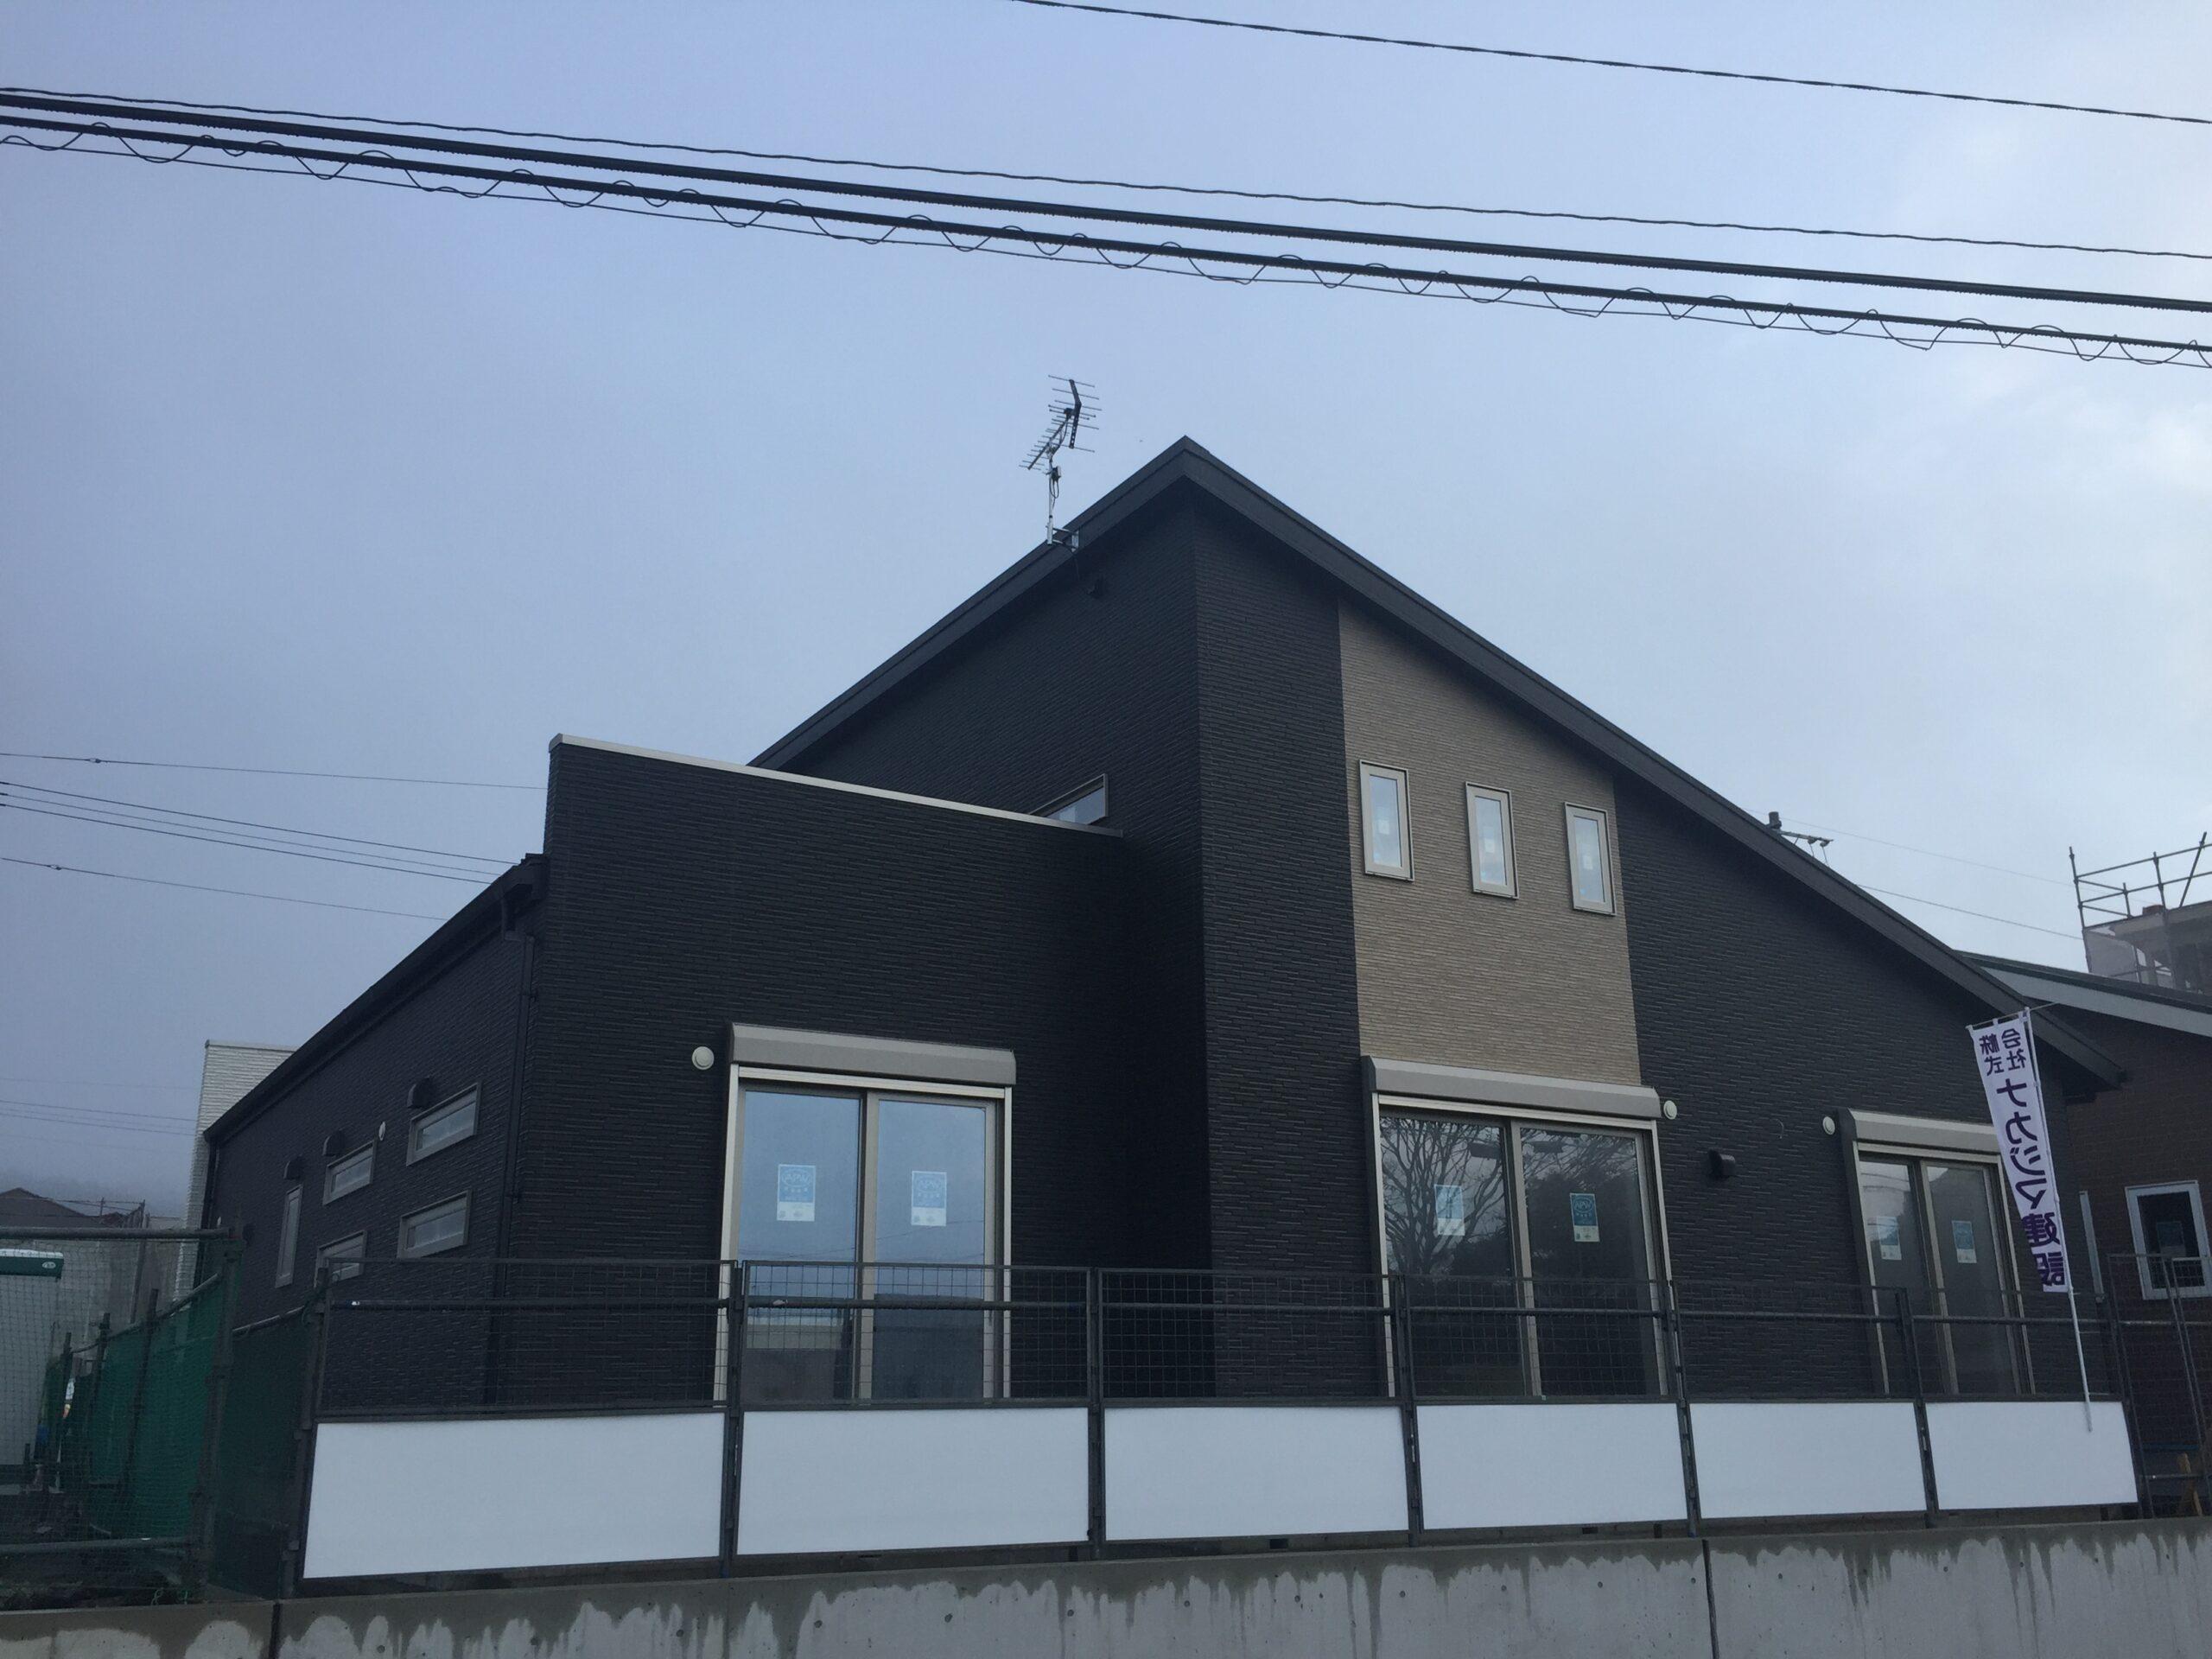 平屋モデルハウス工事進捗 (^^♪